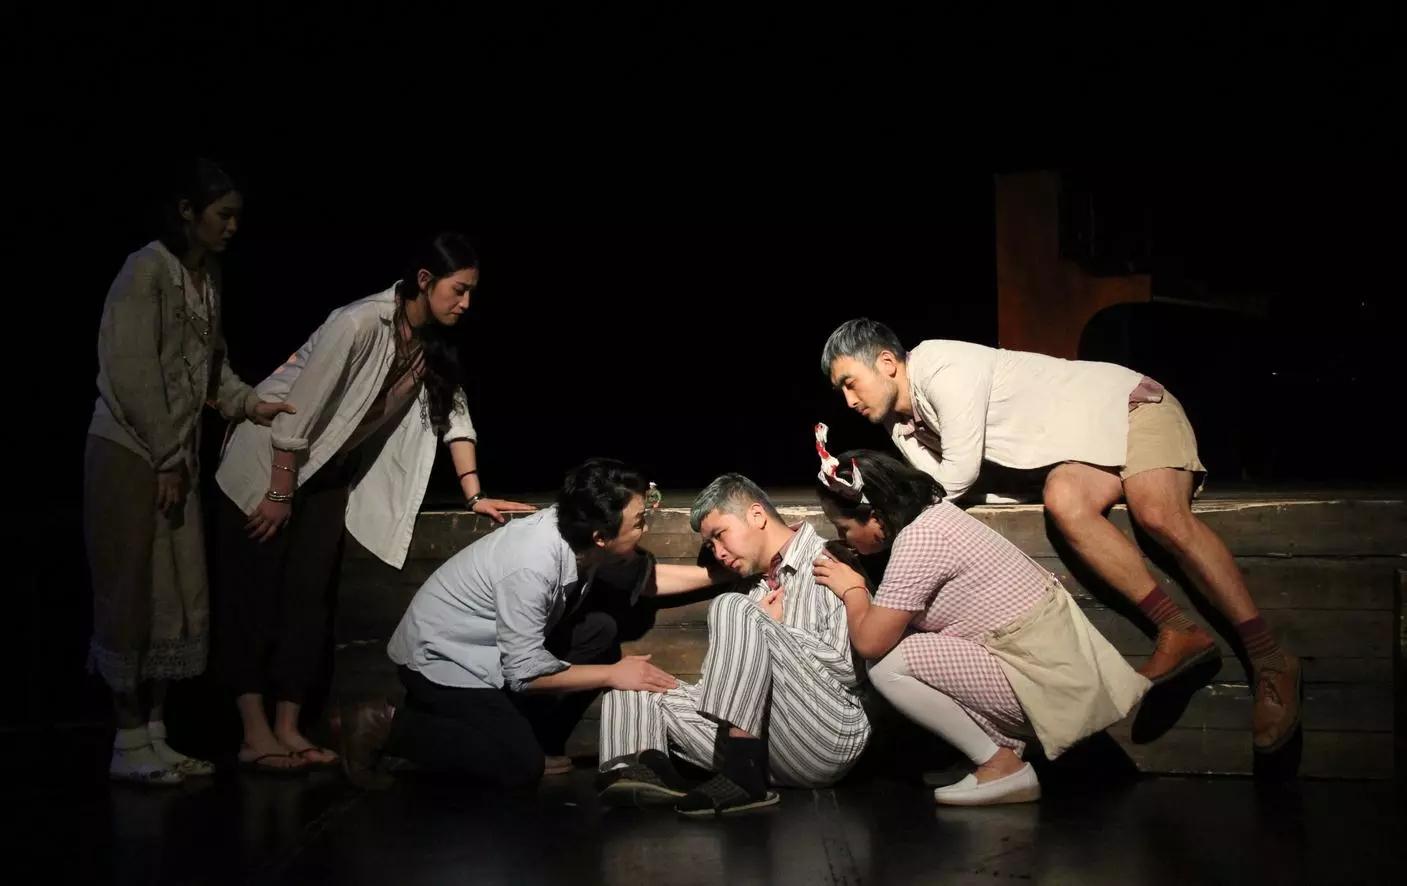 2021光纬戏剧荣誉出品-话剧《燃烧的疯人院》-上海站